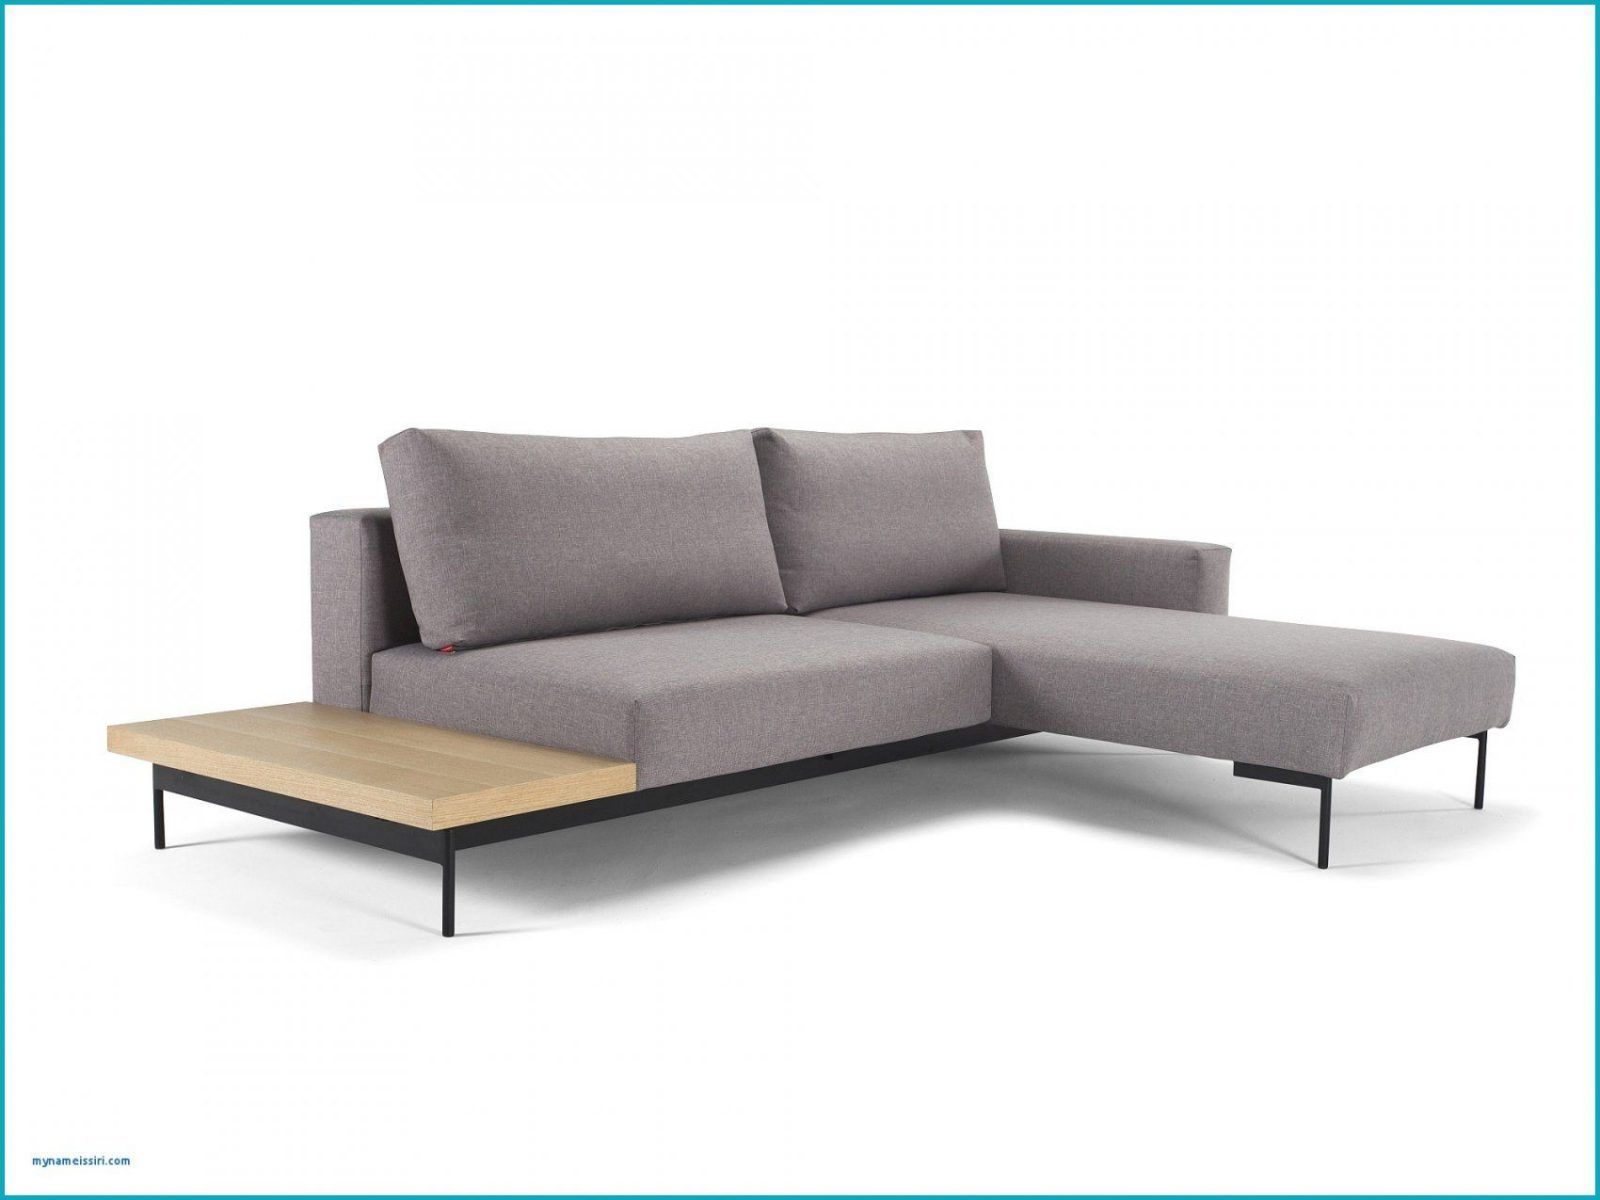 Sofa Mit Integriertem Tisch Frisch Wohnkultur Sofa Mit